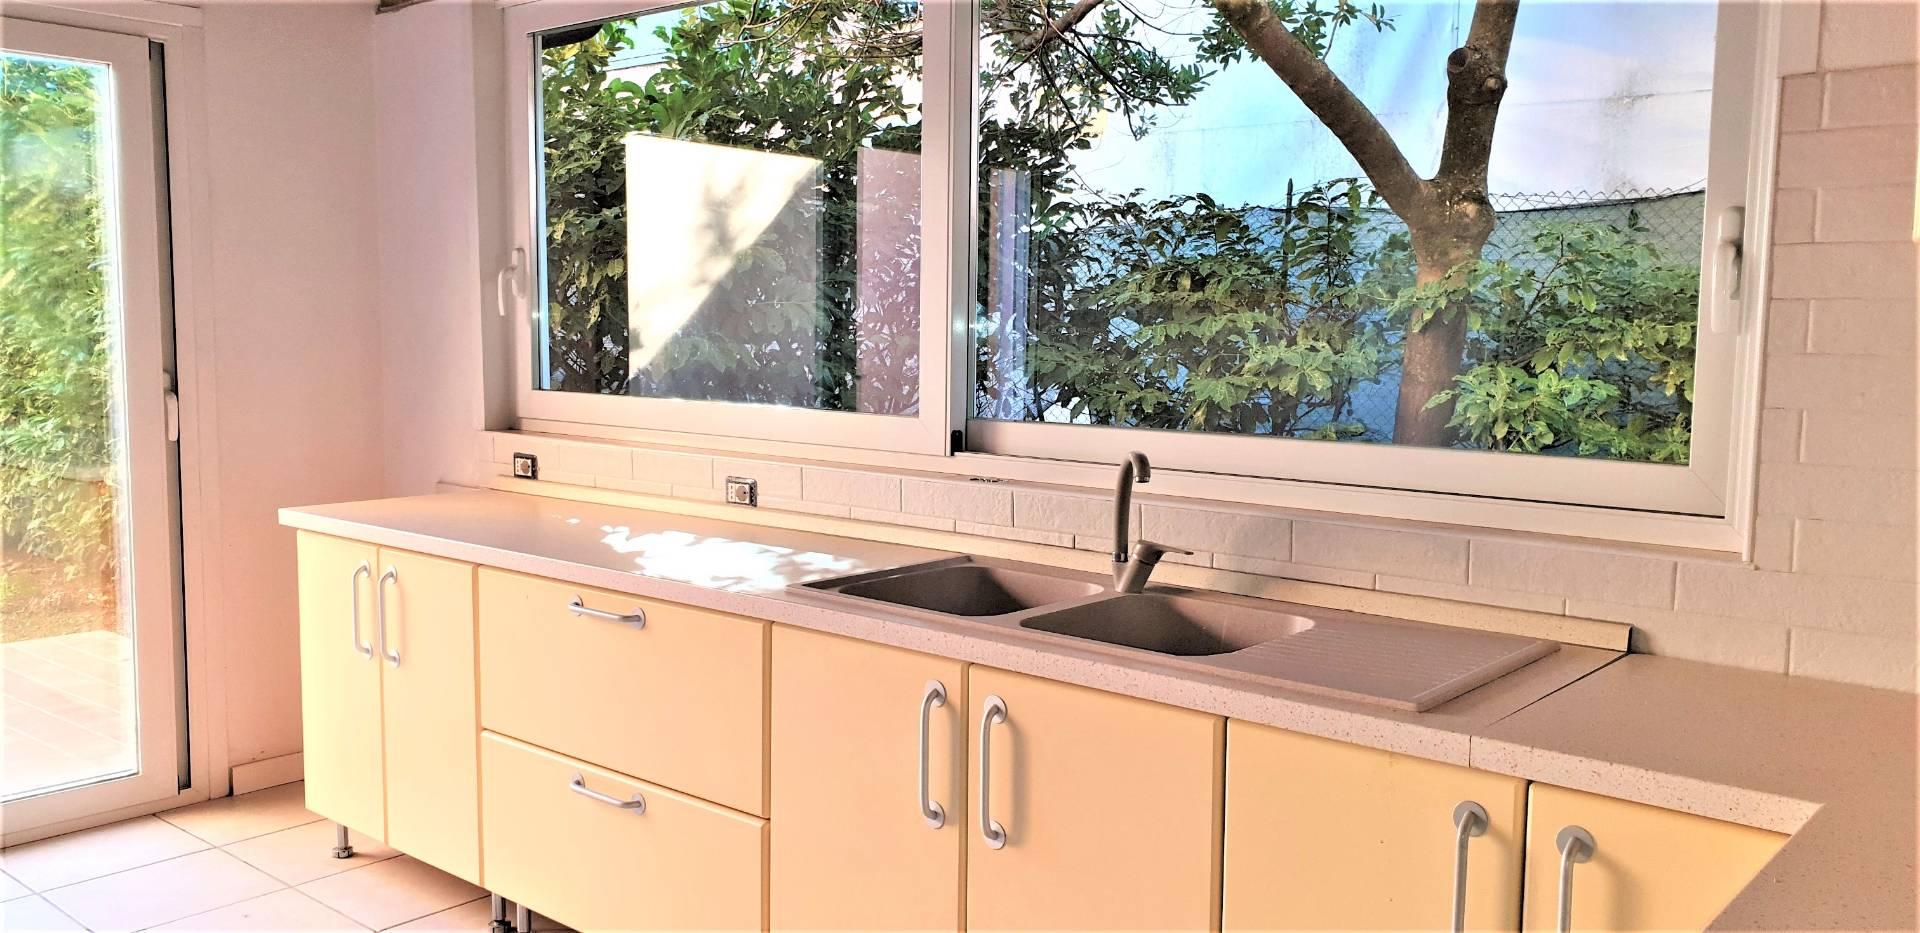 Appartamento in vendita a Viterbo, 5 locali, zona Zona: Semicentro, prezzo € 219.000 | CambioCasa.it